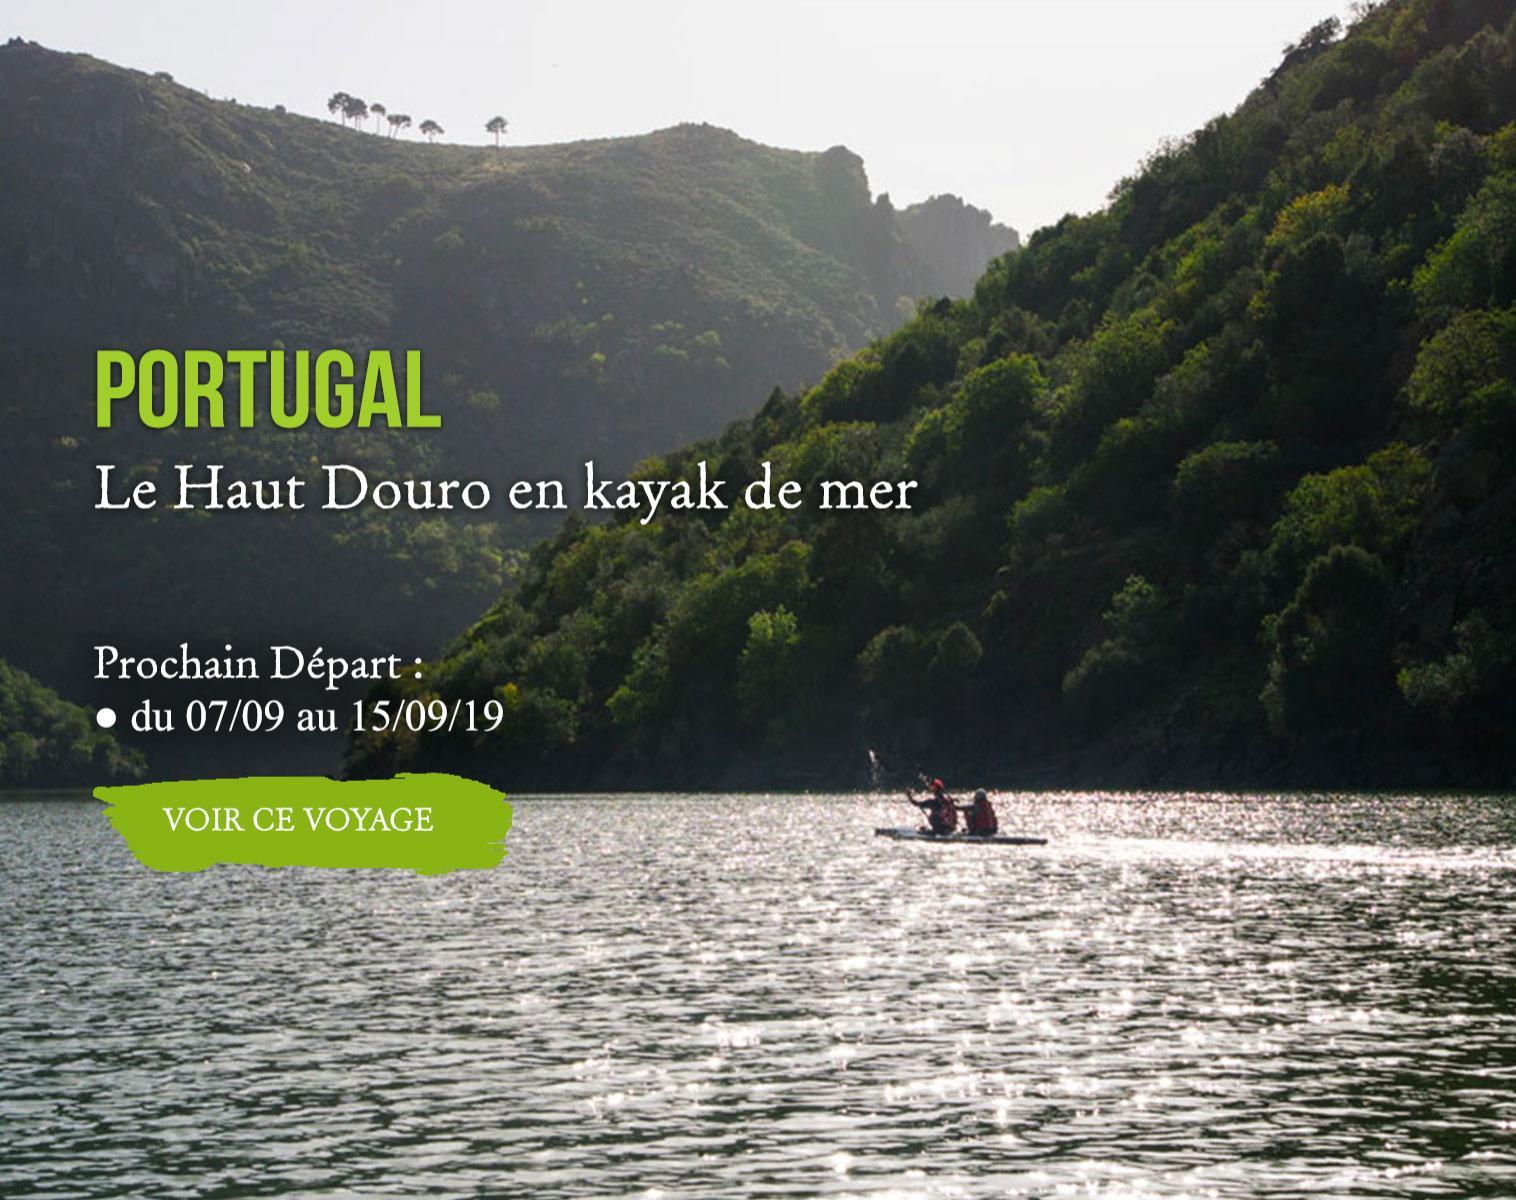 PORTUGAL, Haut Douro